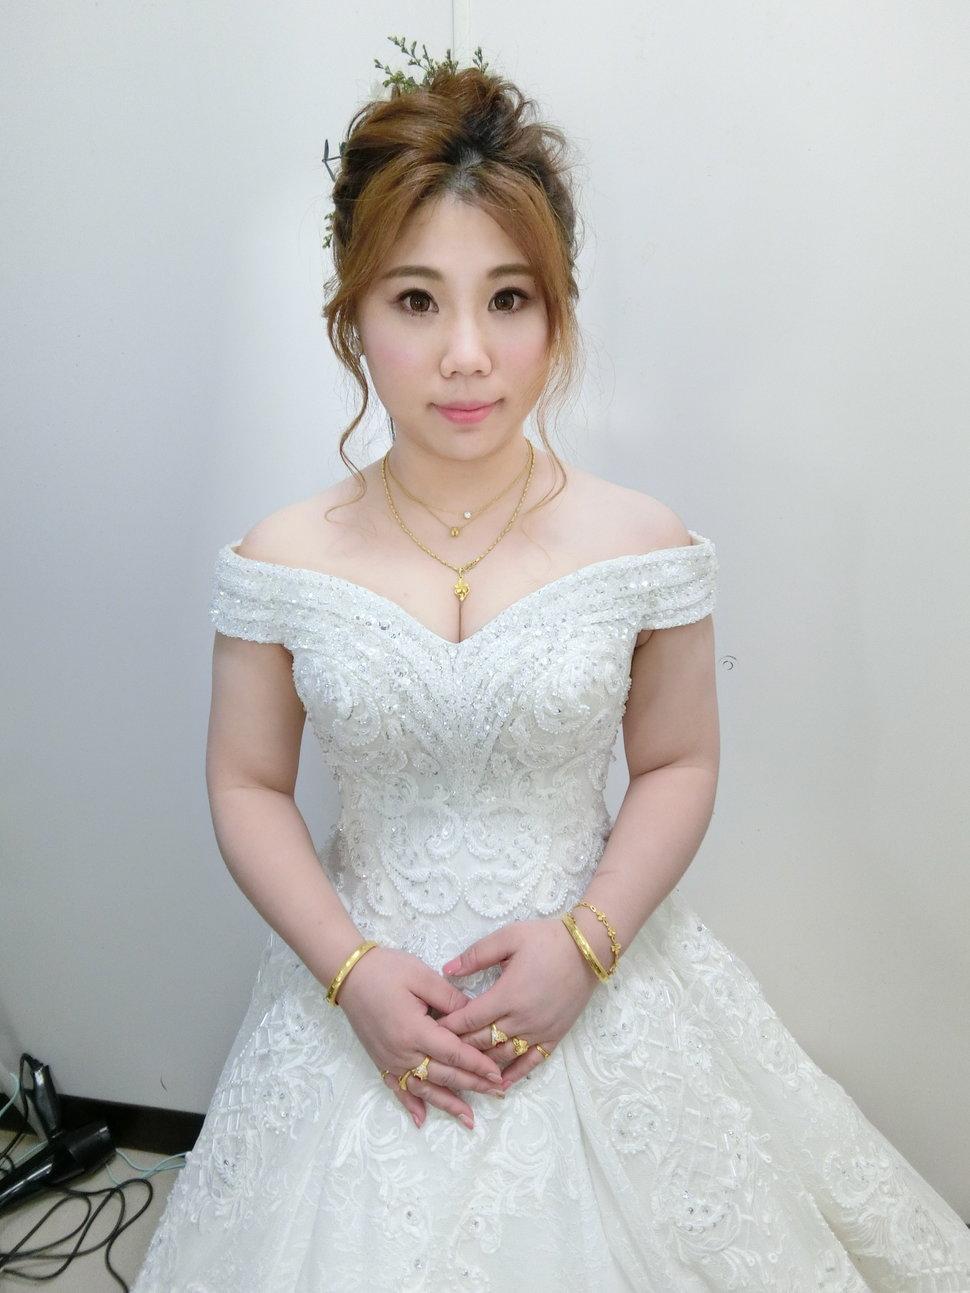 0A94CDA8-86D2-4E04-AEB5-16466A56E5D0 - 亞澐 Wedding 新娘秘書 整體彩妝《結婚吧》